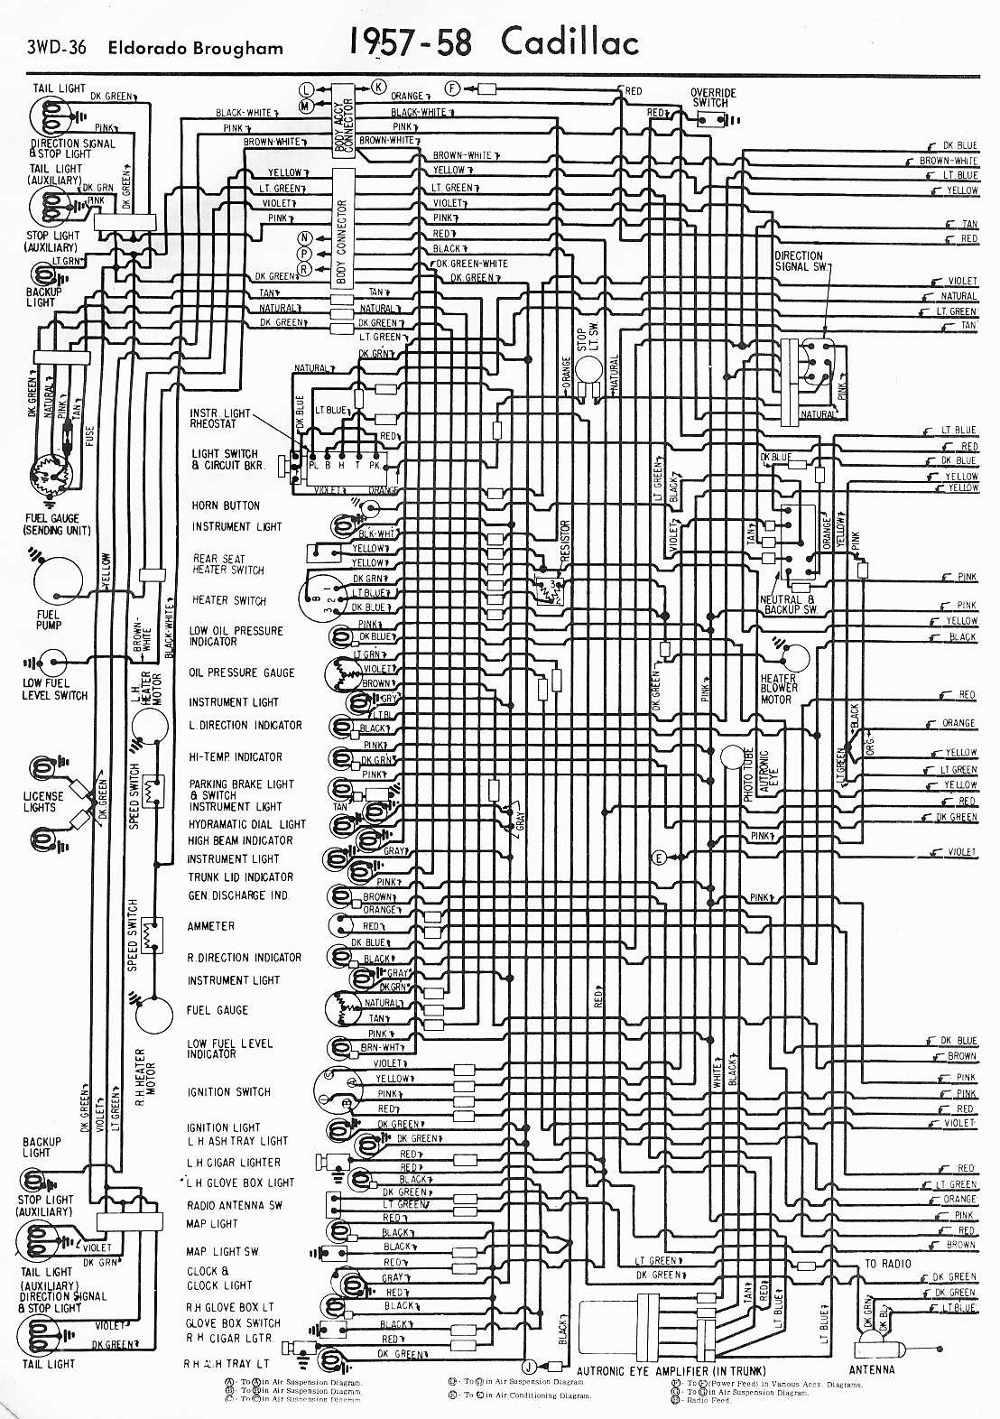 Wiring Diagrams schematics 195758 Cadillac Eldorado